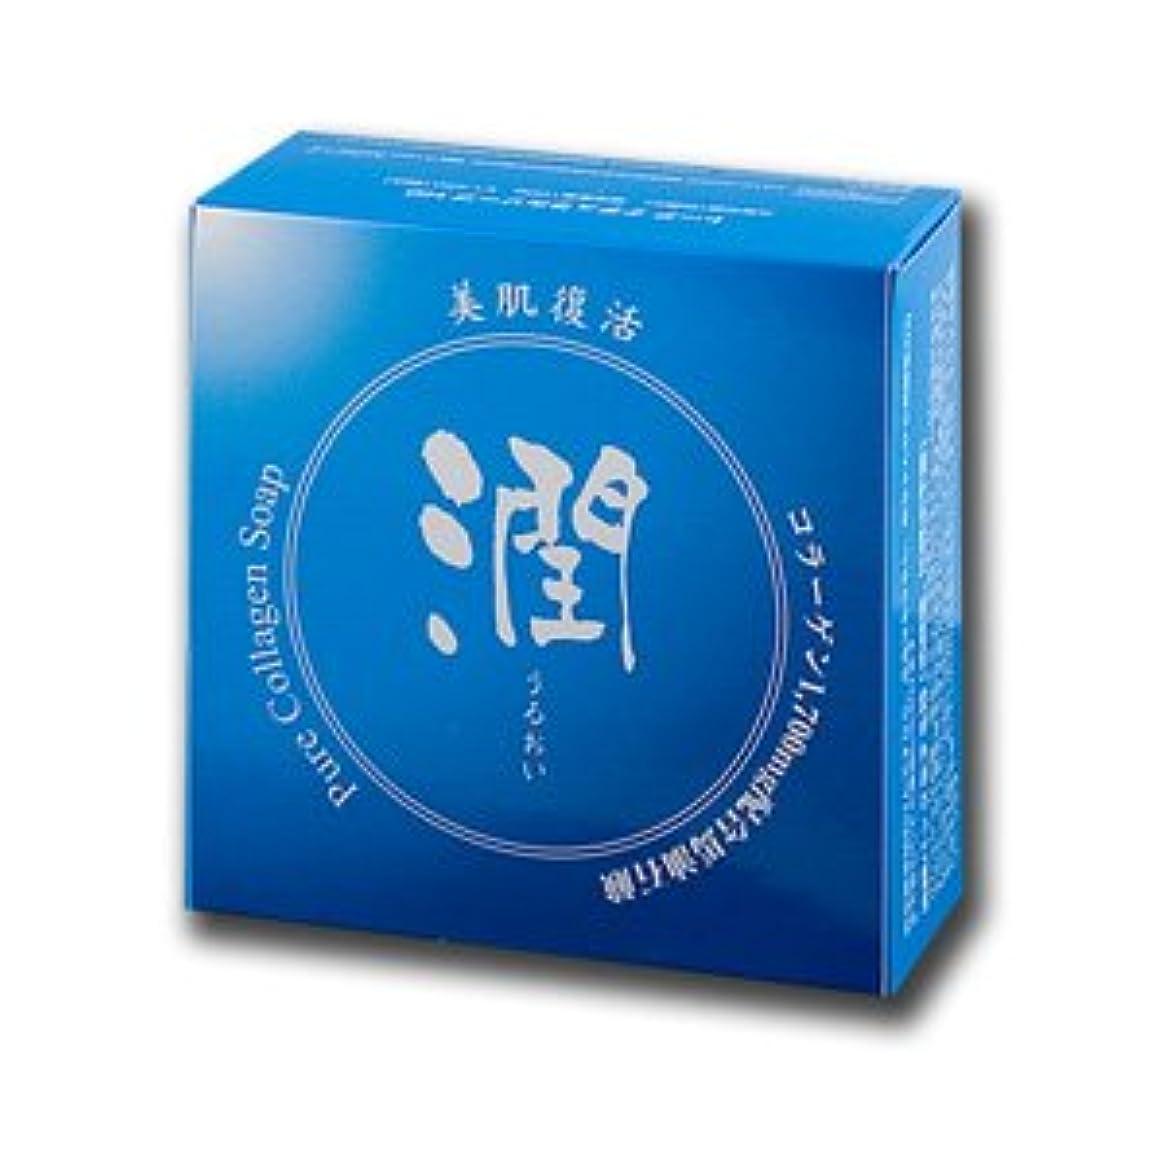 として名義で曲線コラーゲン馬油石鹸 潤 100g (#800410) ×5個セット